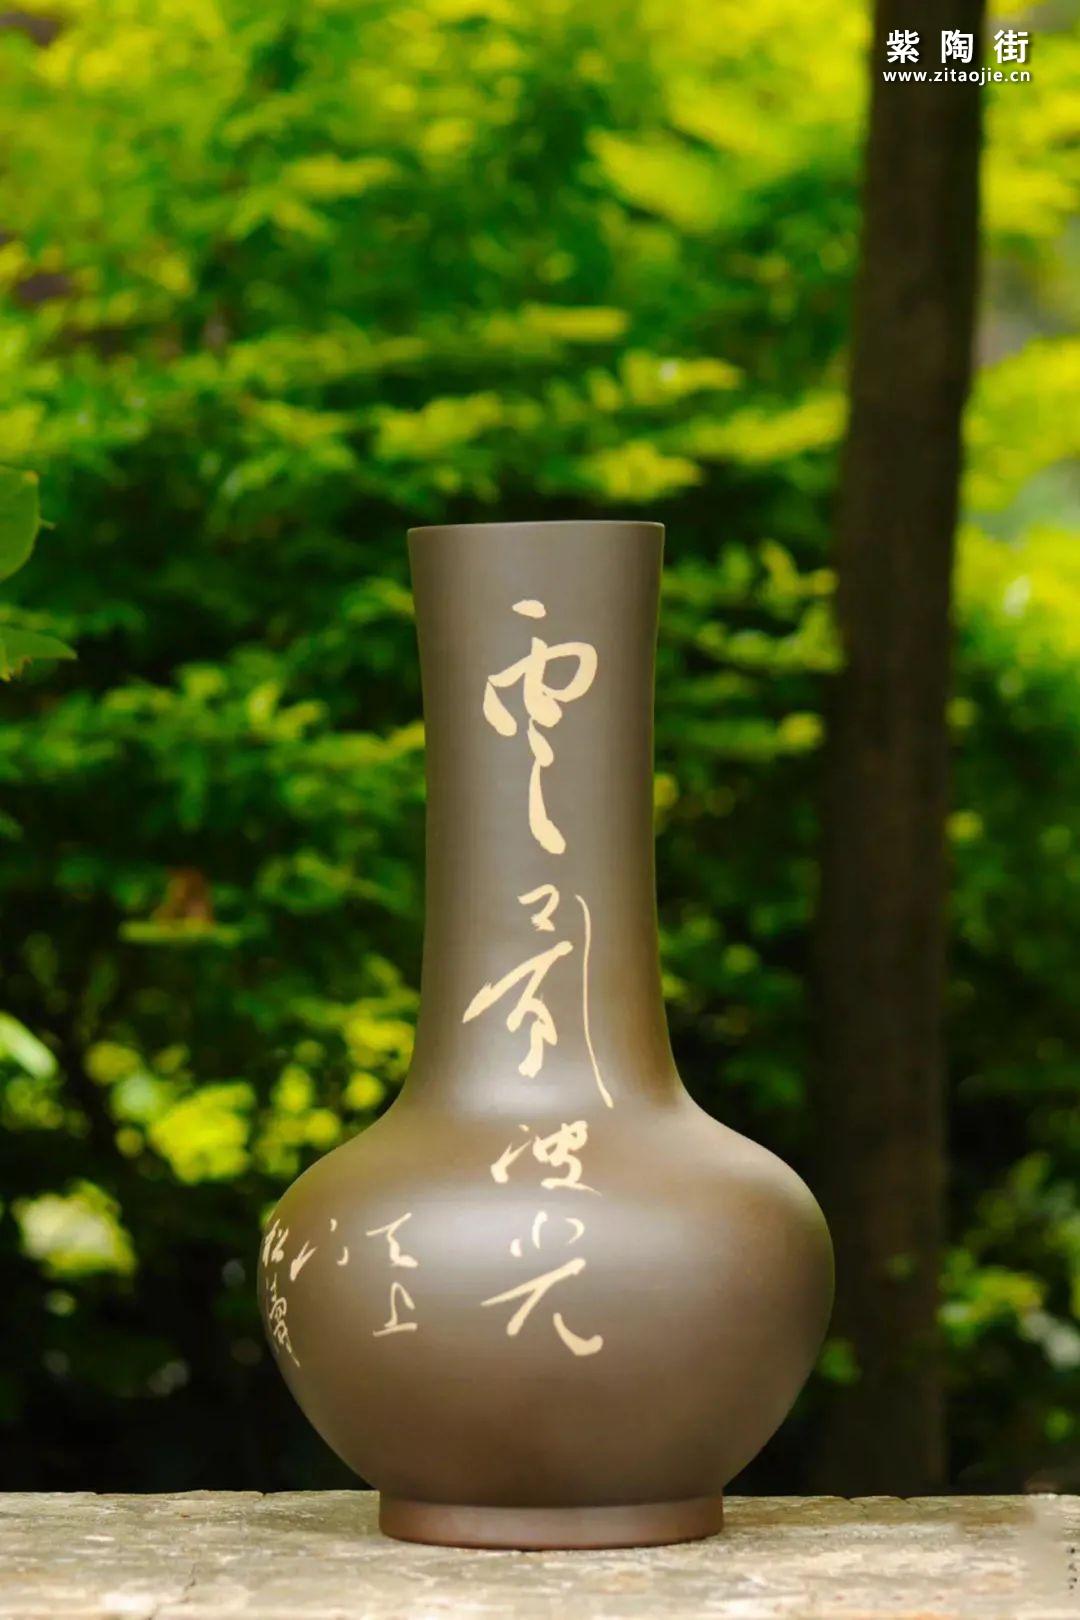 常见的几种建水紫陶瓶型插图3